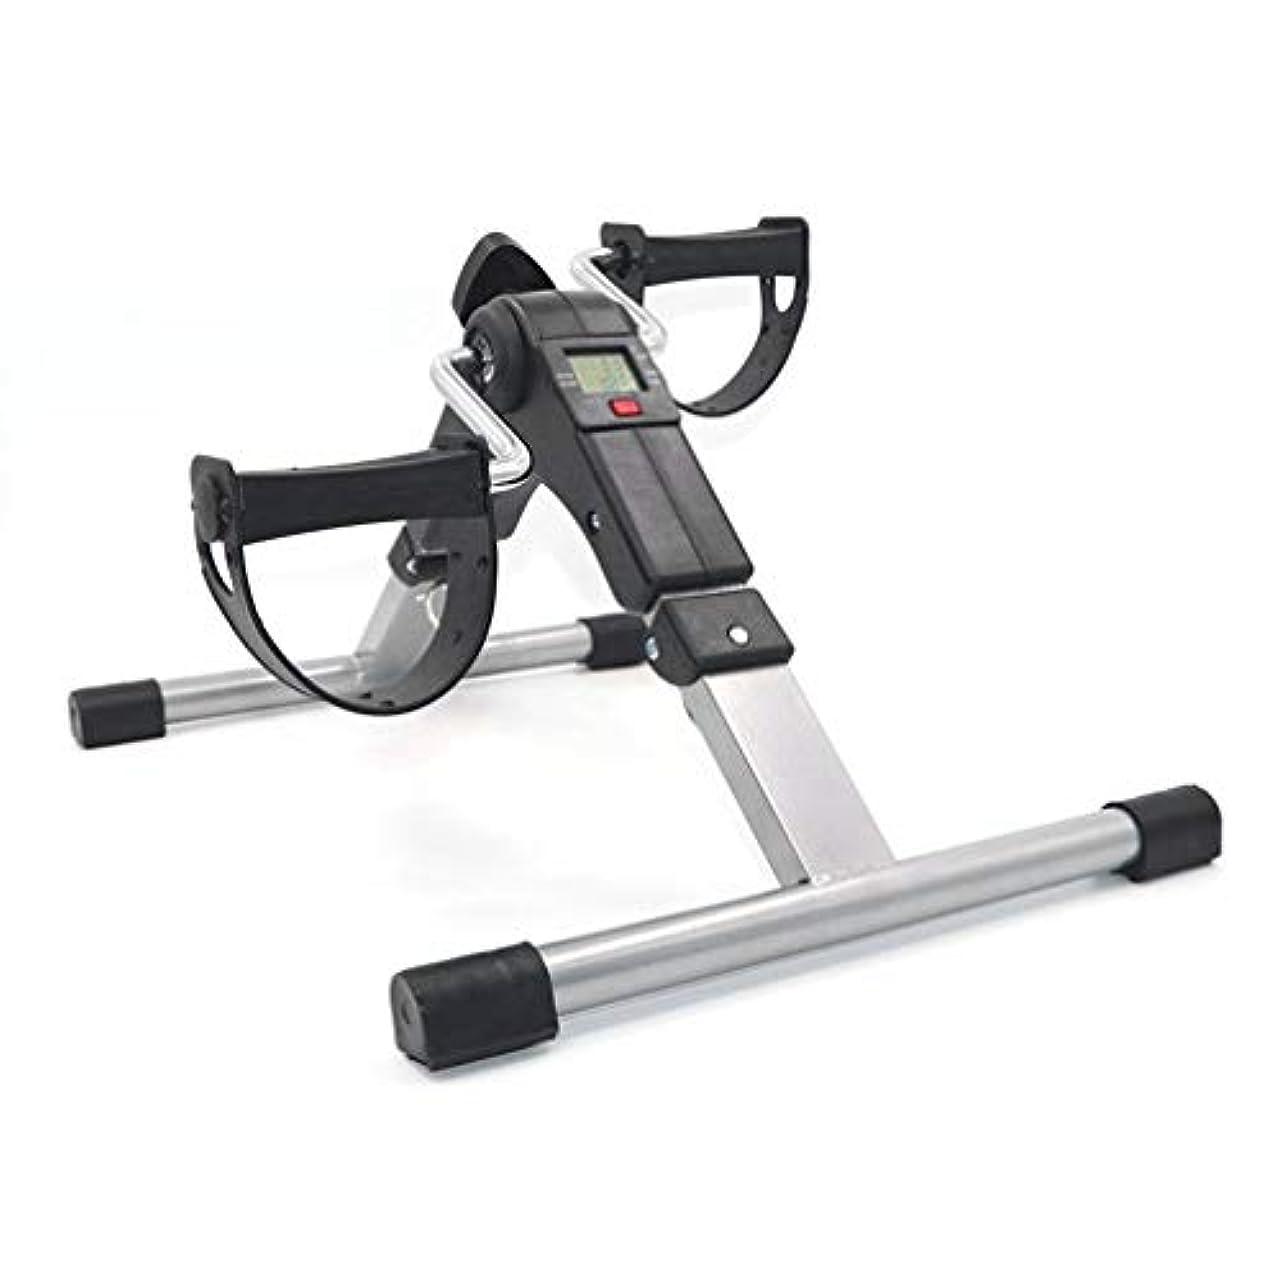 登録マトン天才実用的なトレーナー自転車脚エクササイザーストローク片麻痺リハビリテーションペダル-innovationo